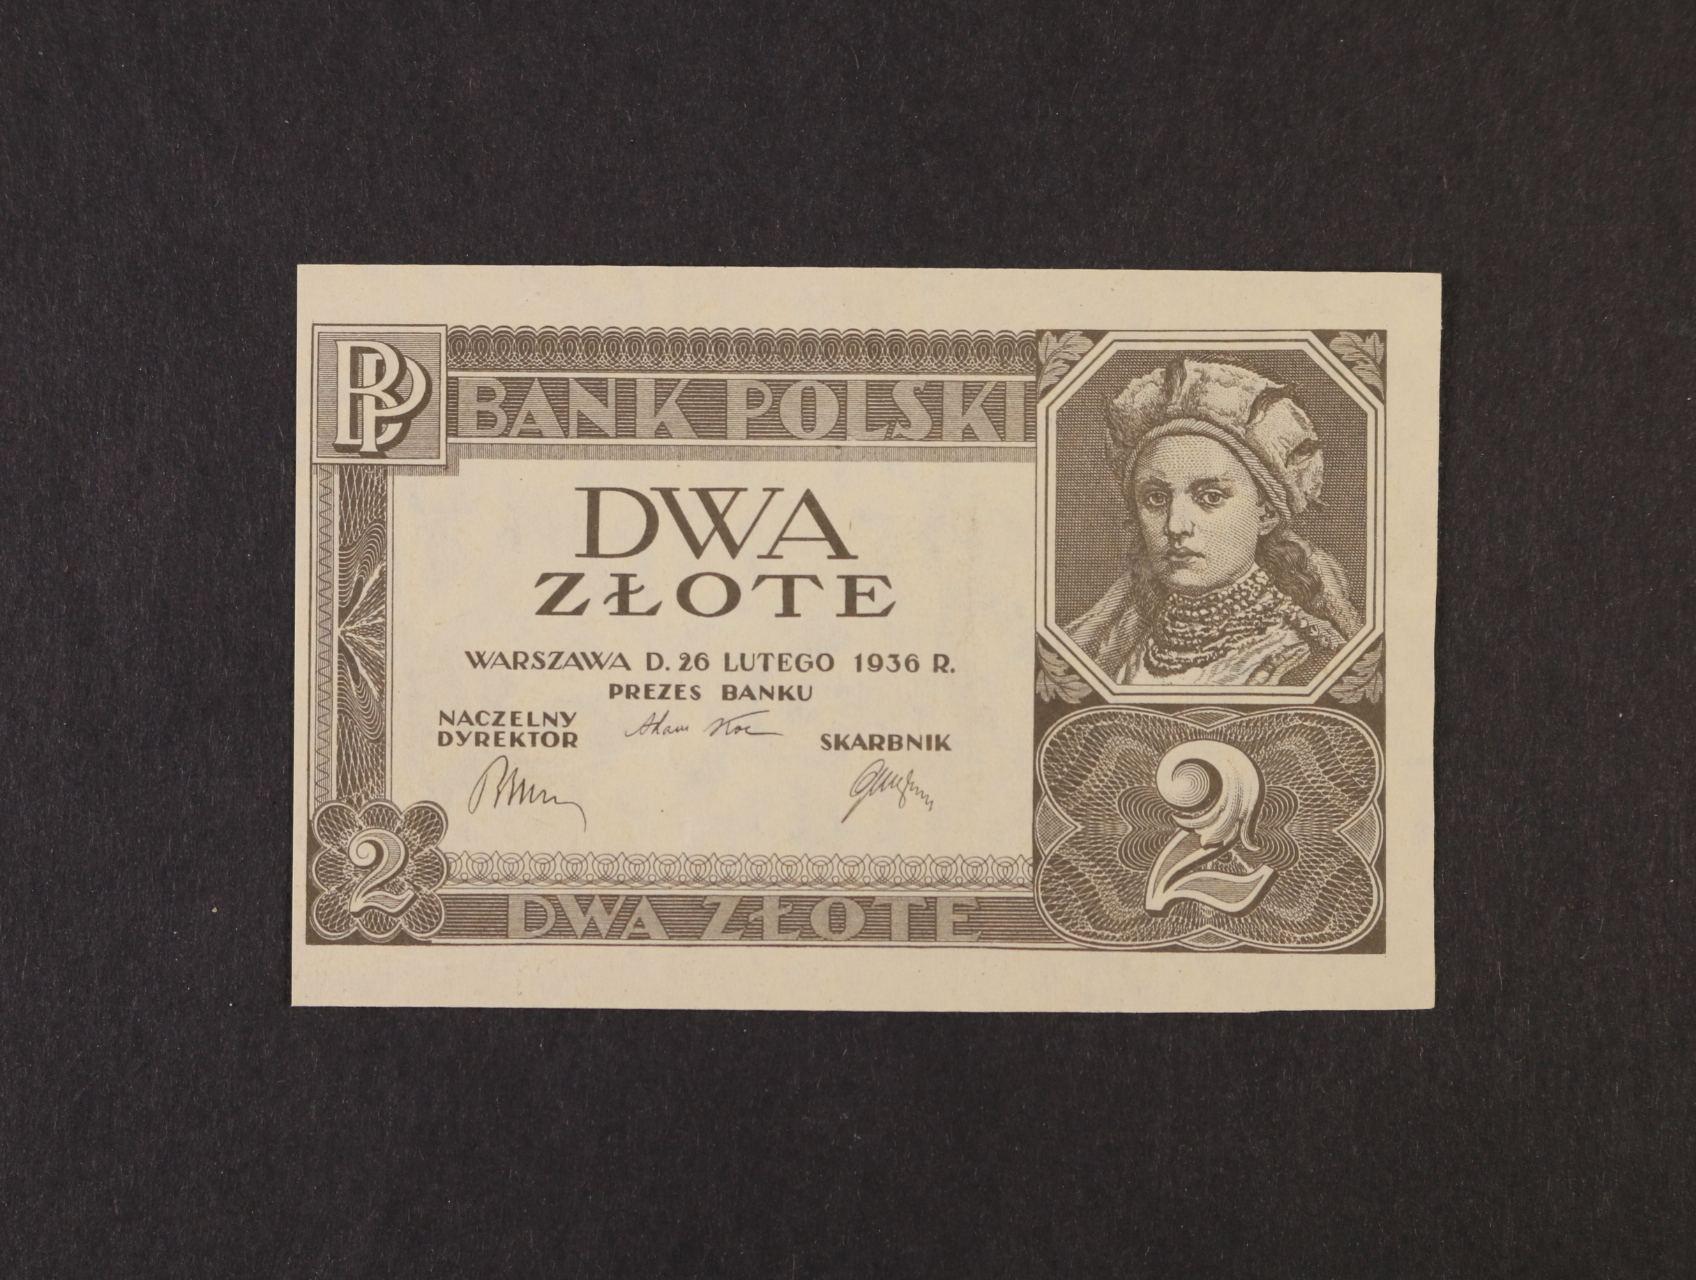 2 Zloty 26.2.1936 bez podtisku série a čísla, platná na ČS území, Pi. 76, Ba. PL 2c